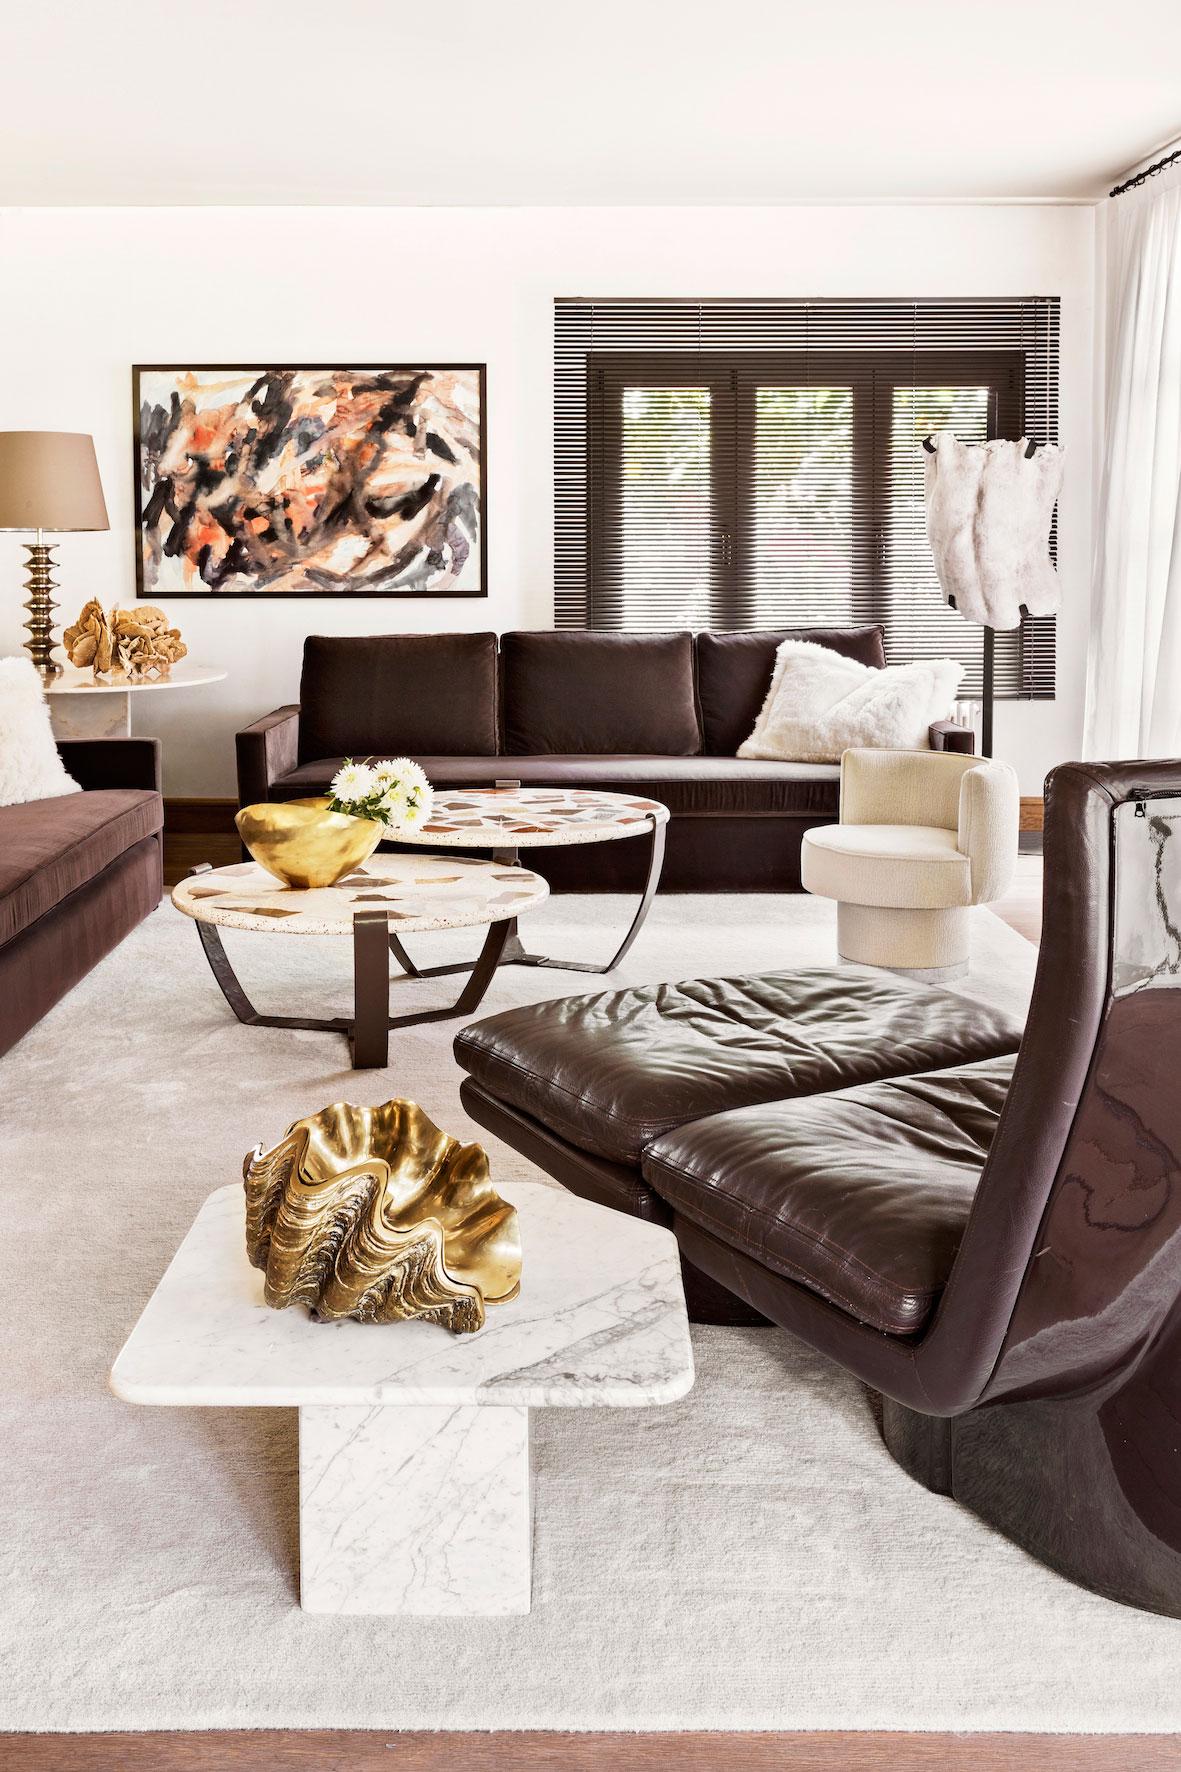 serge-castella-interiors-city-apartment-08